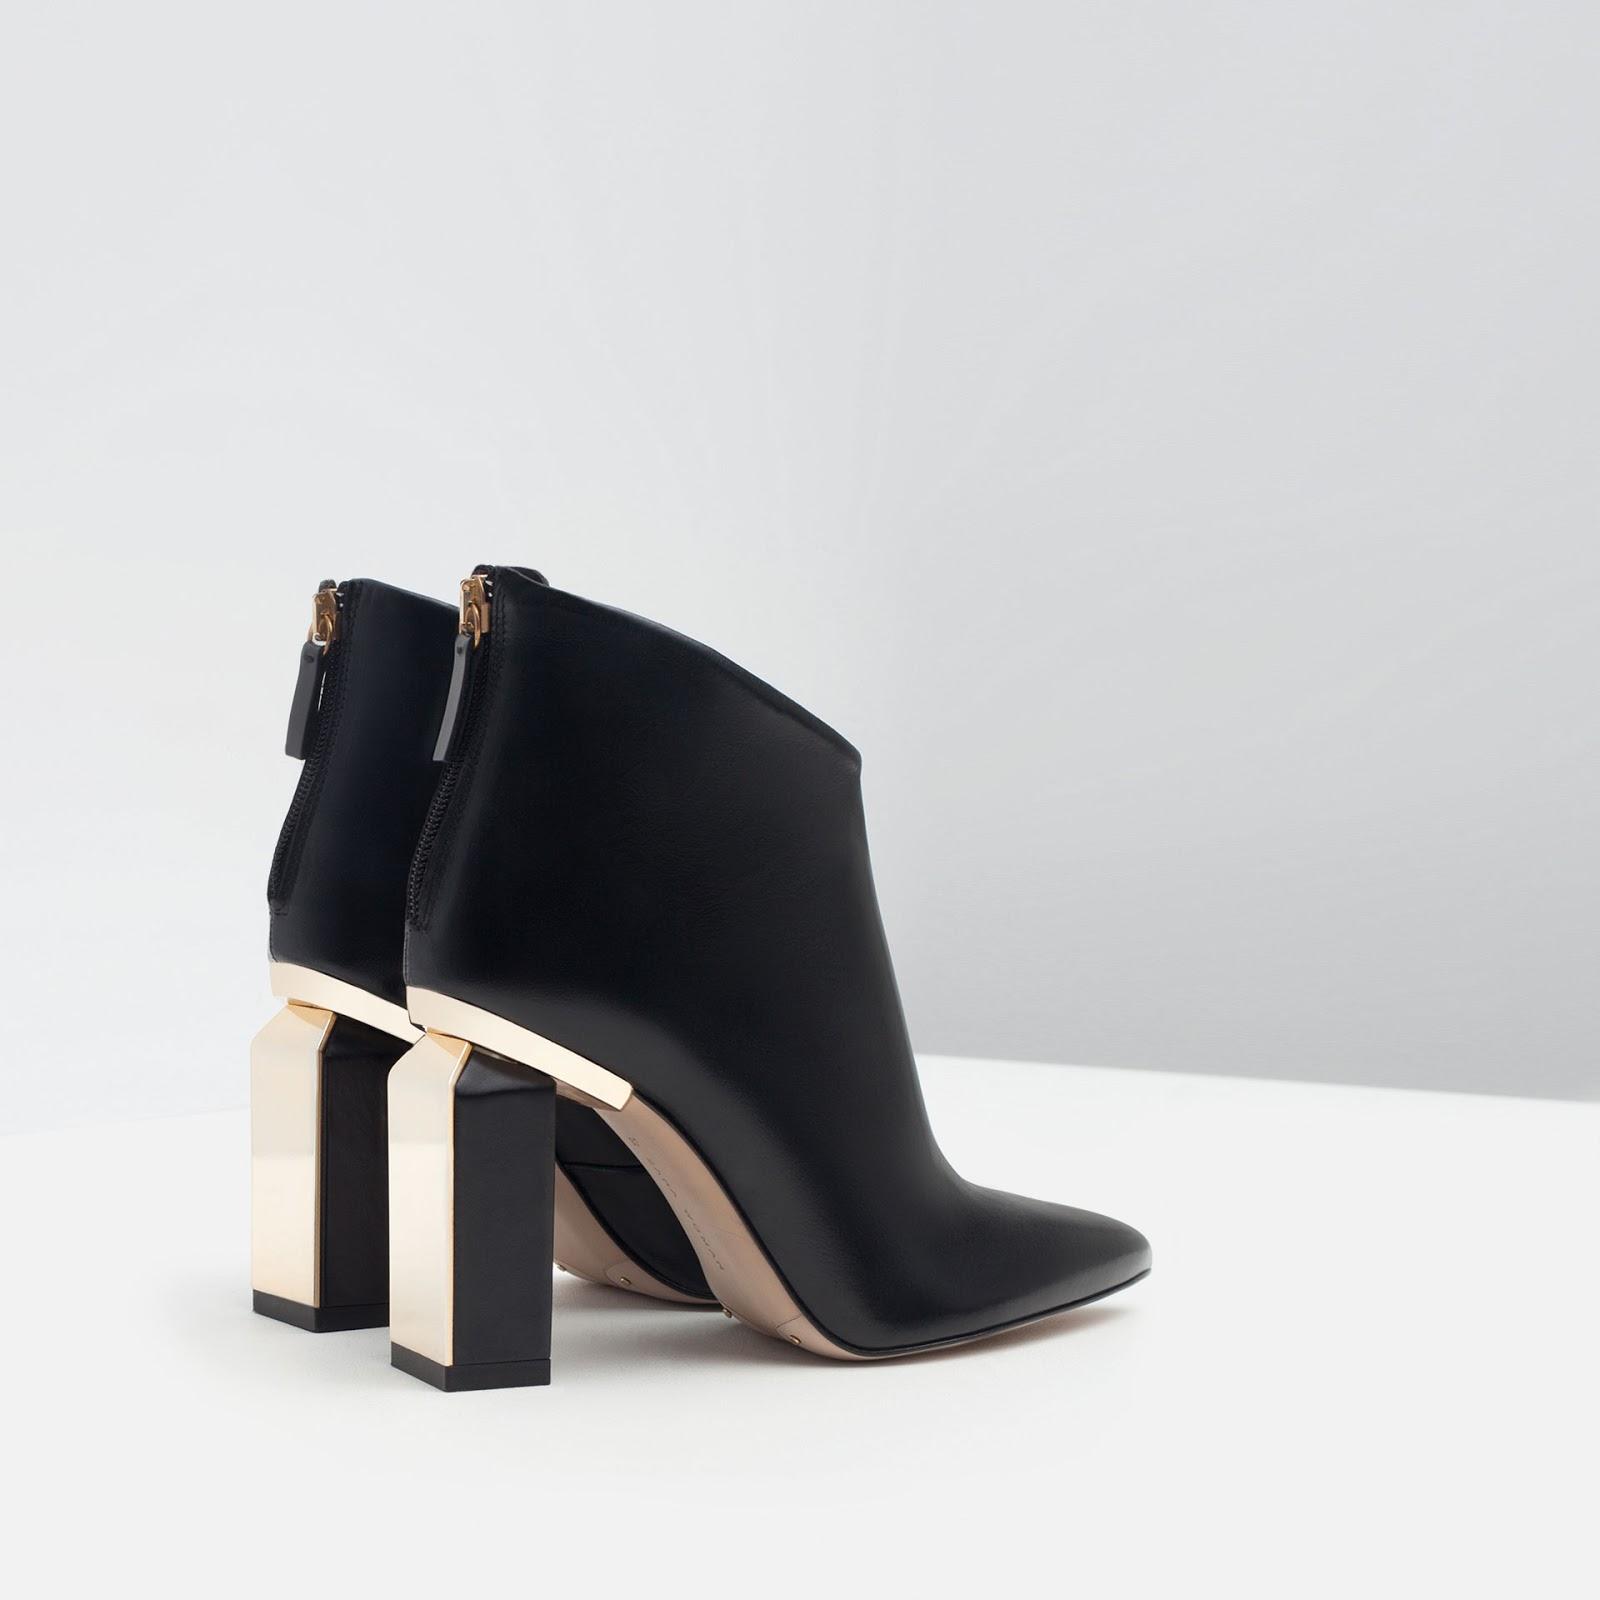 Zara Shoes Gold Heel